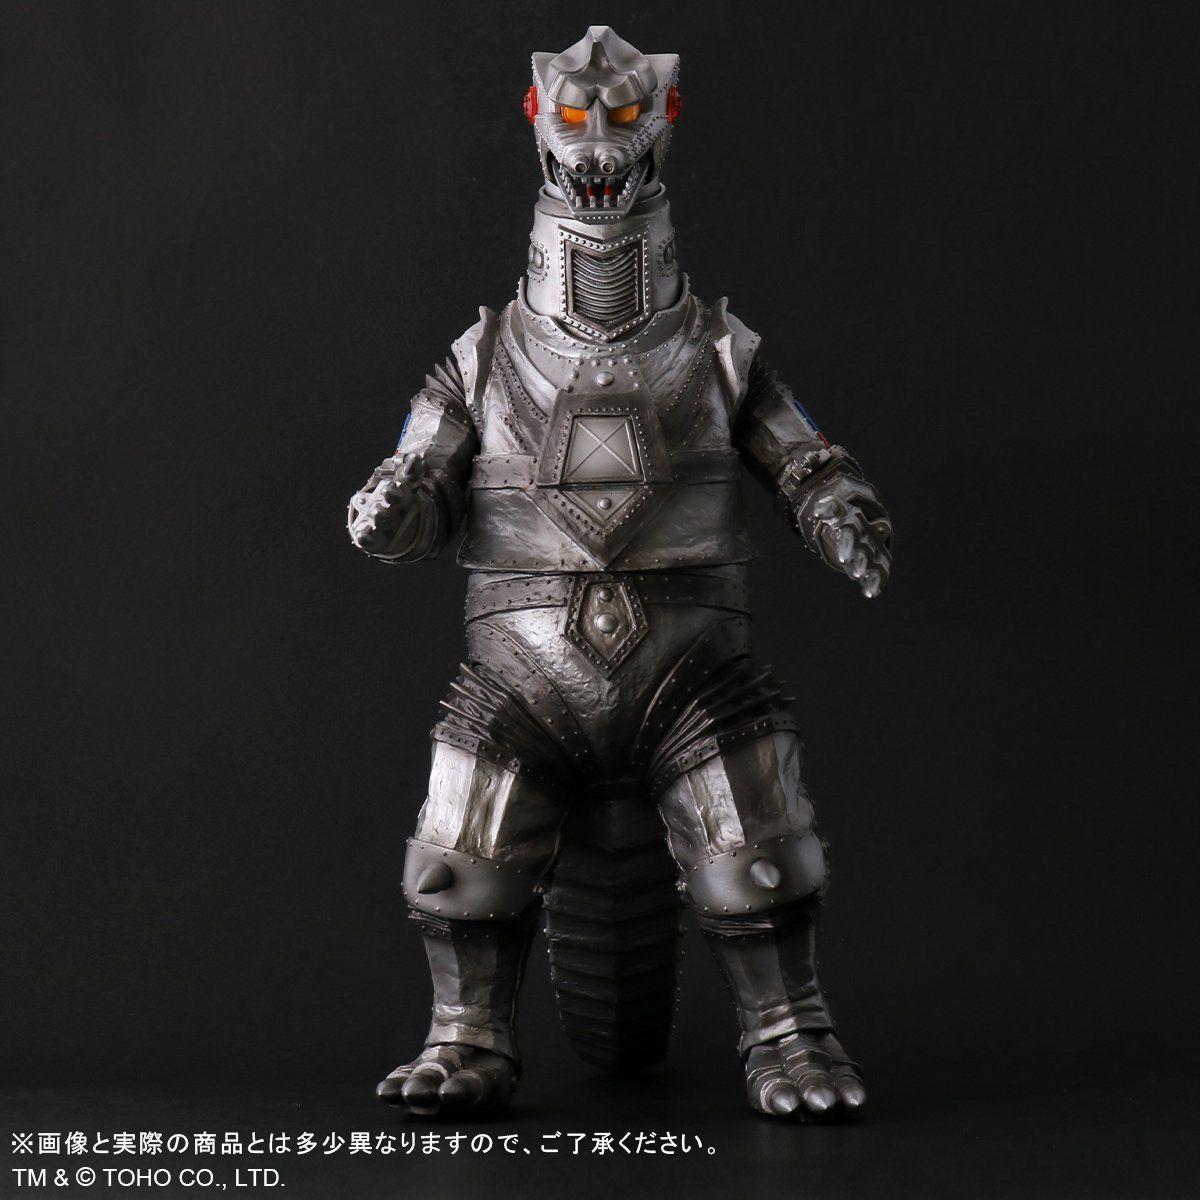 東宝30cmシリーズ『メカゴジラ(1975)スペースビームVer.』メカゴジラの逆襲 完成品フィギュア-002